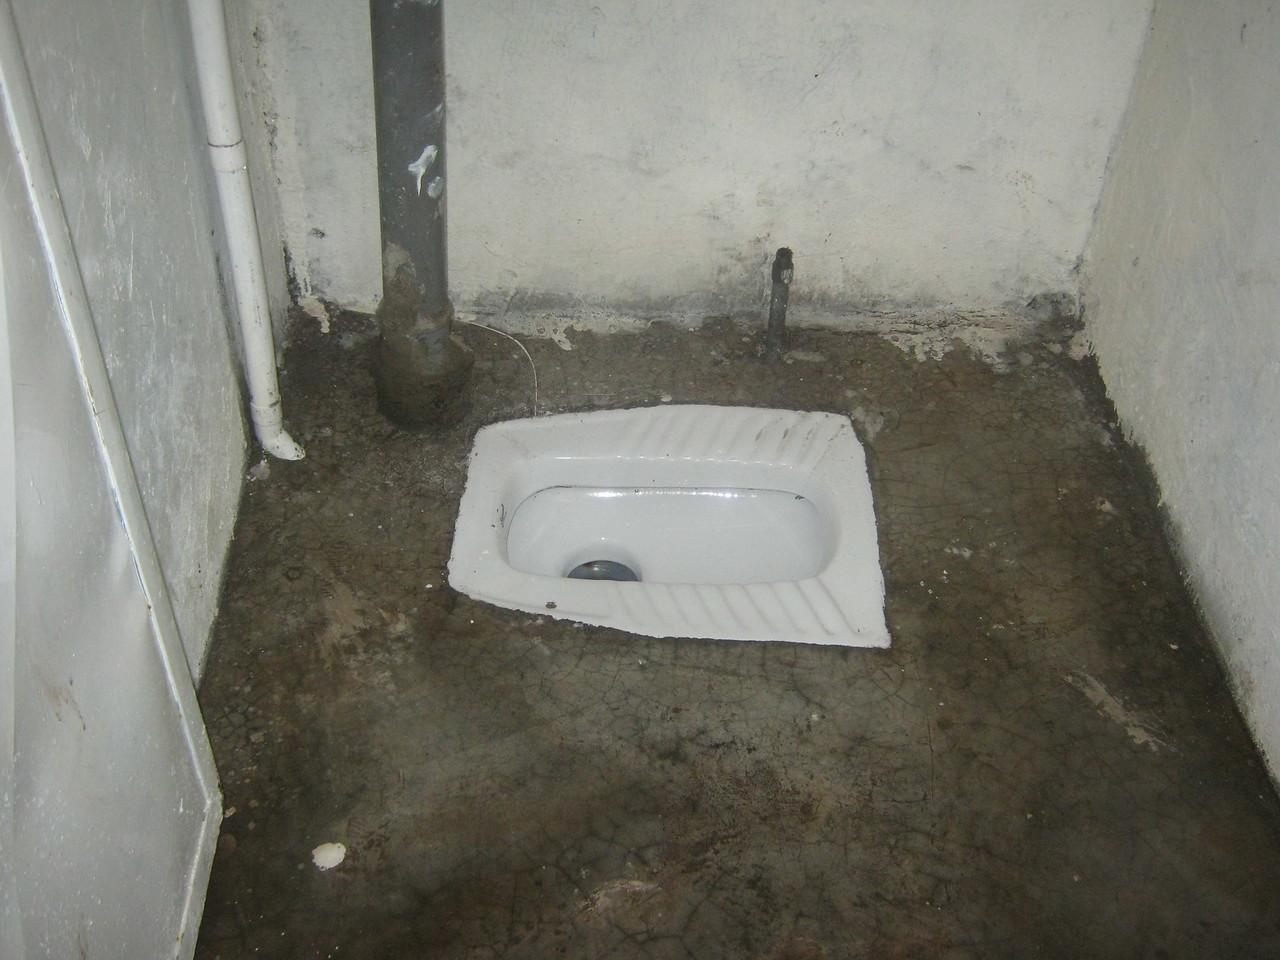 Inside the school toilets